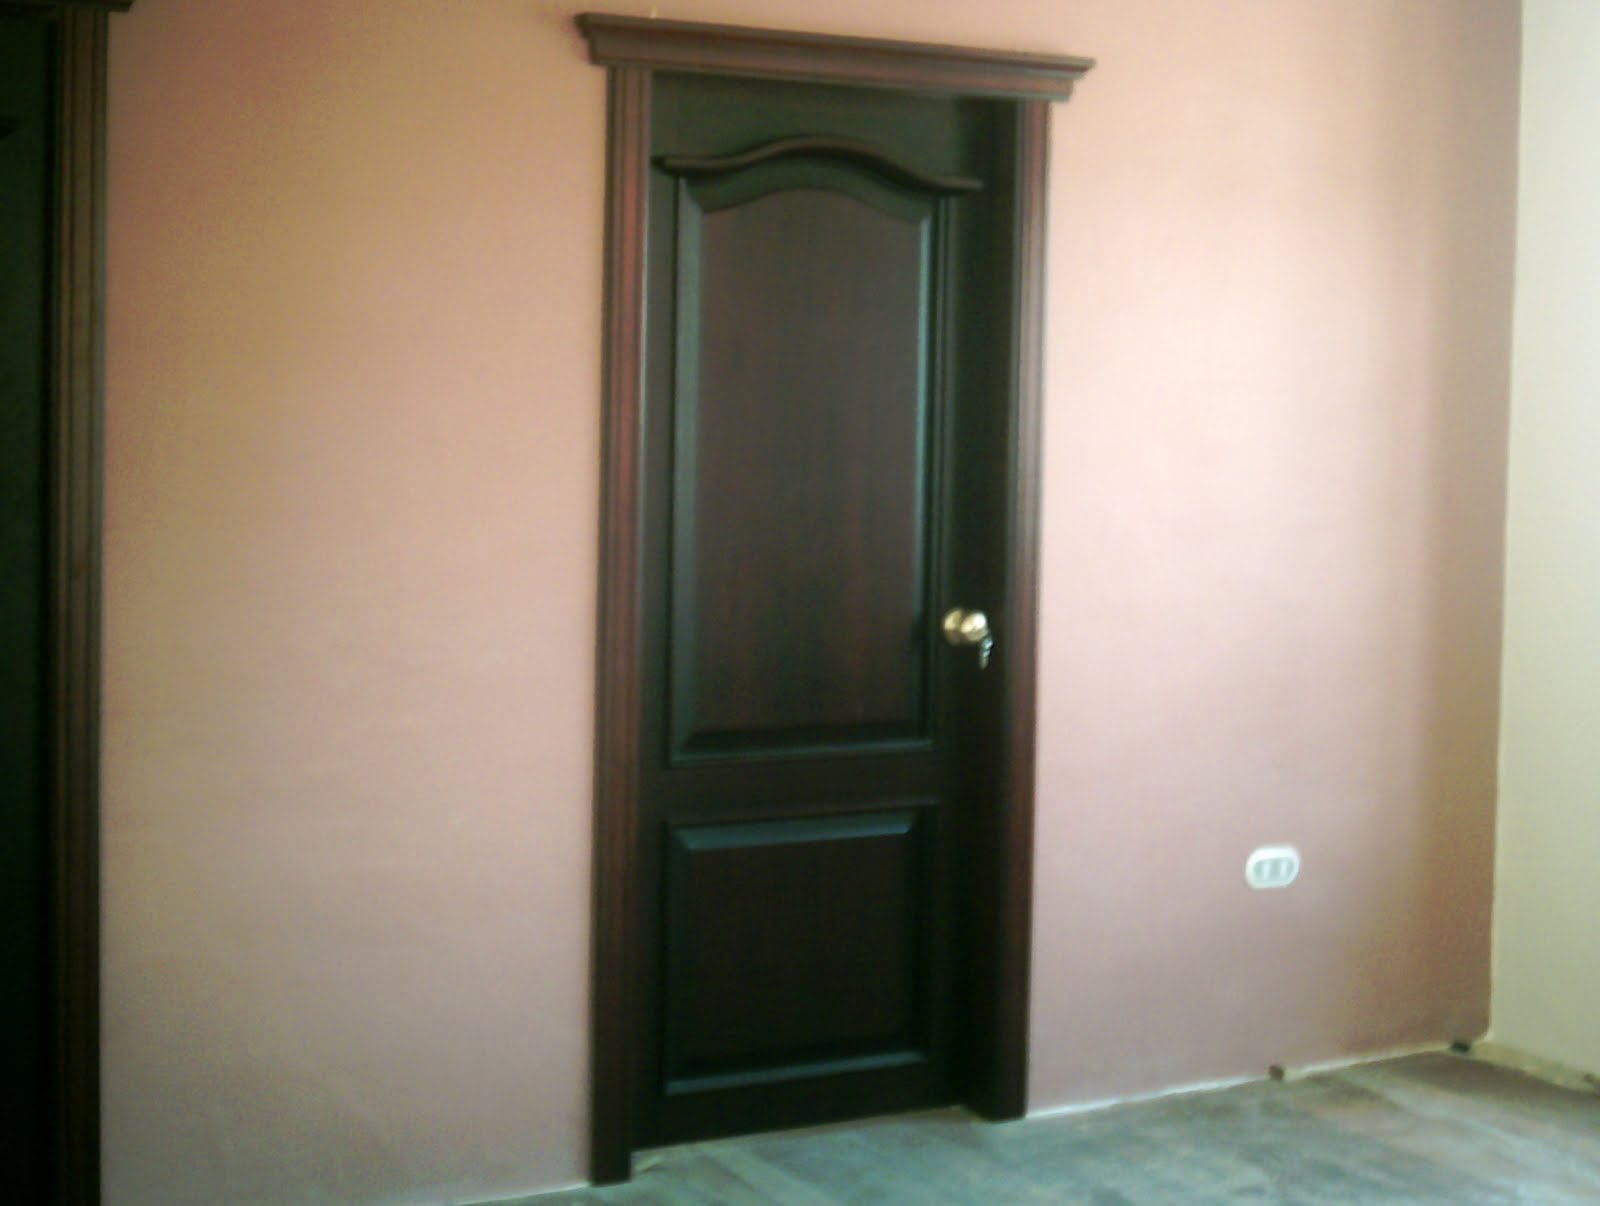 Ideatumobiliario puertas interiores y exteriores para su for Ver puertas de interior